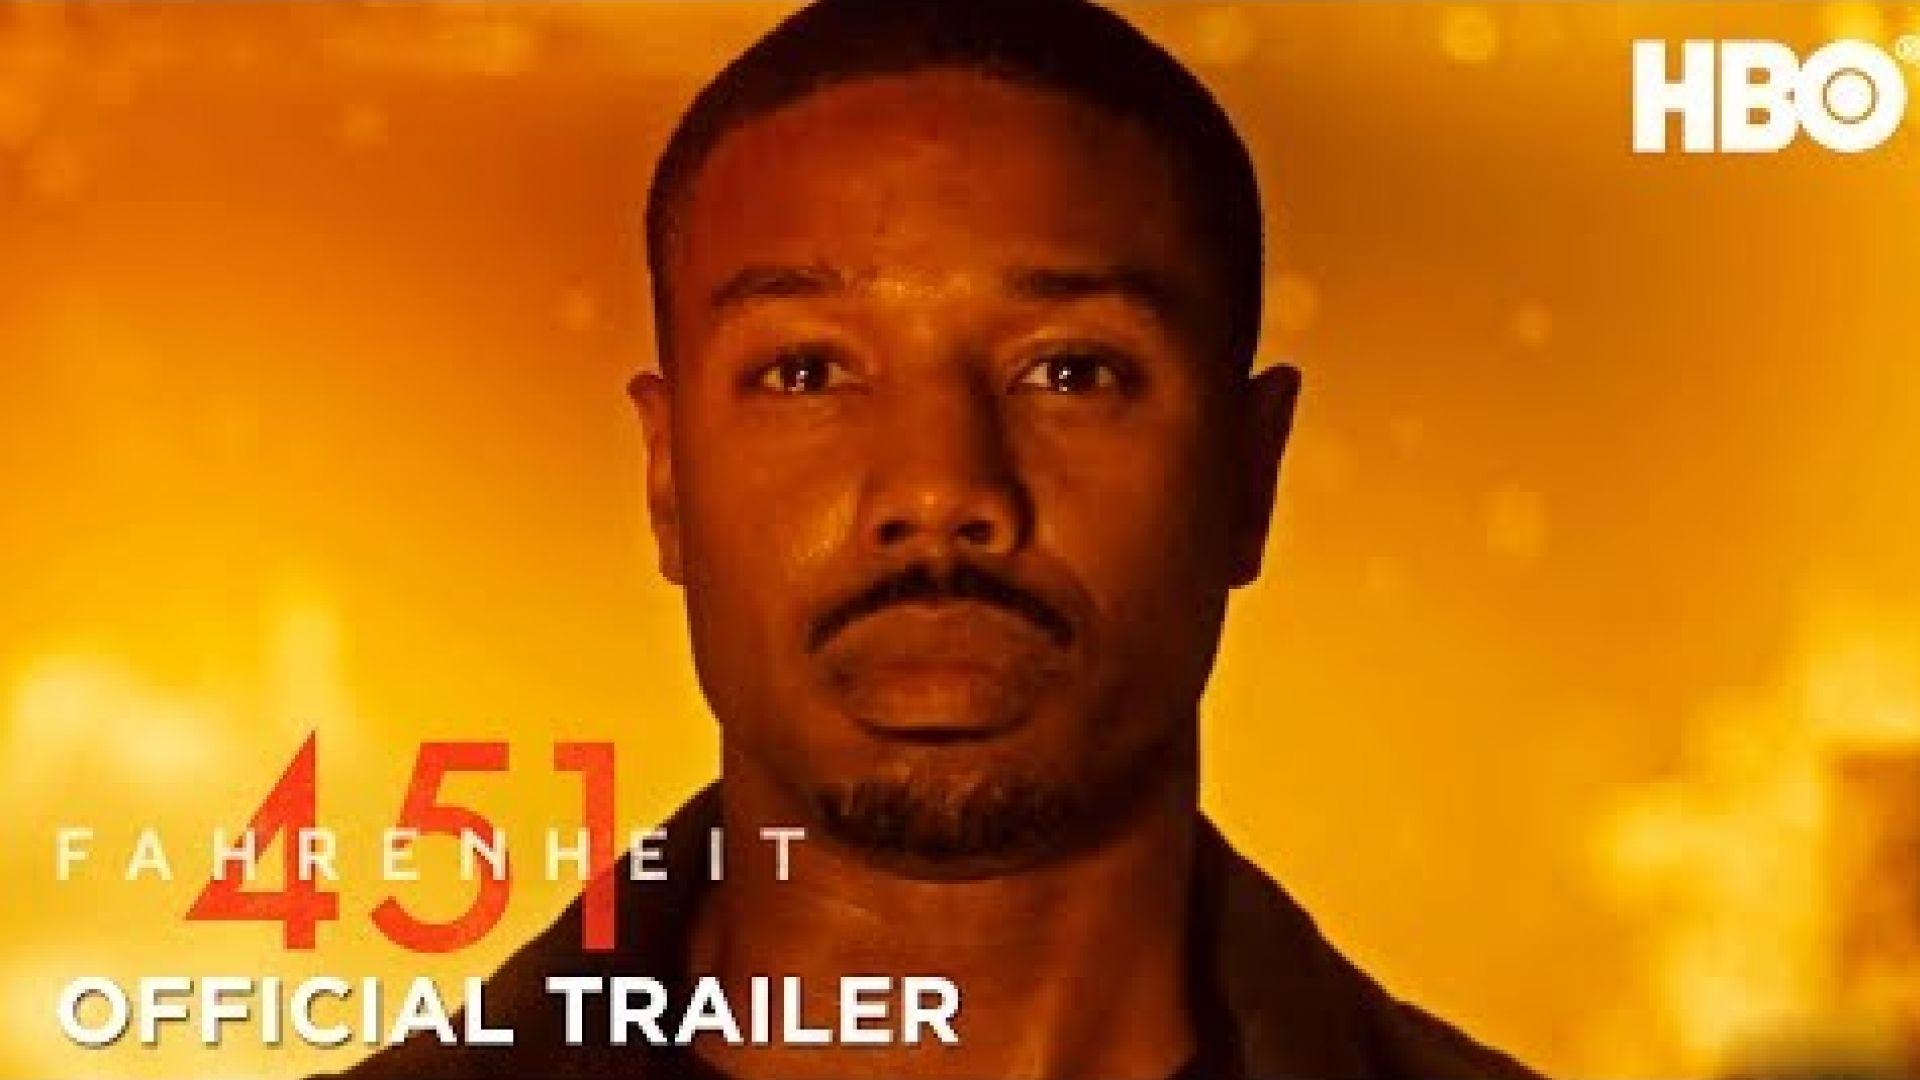 'Fahrenheit 451' Trailer